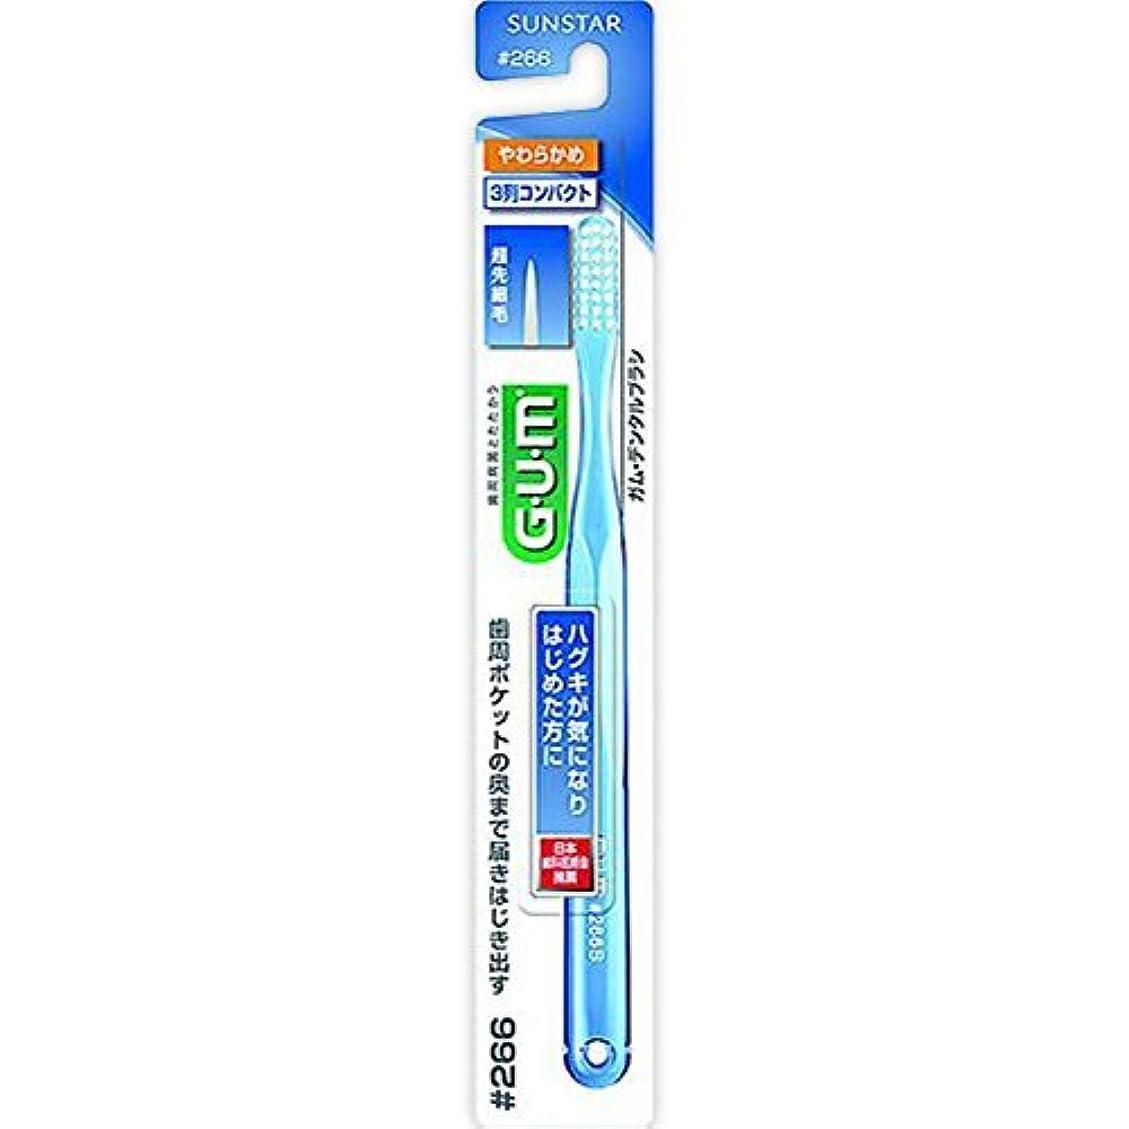 インタフェース雇用者申し立て【まとめ買い】GUM デンタルブラシ コンパクトヘッド ウルトラソフト #266 ×2セット